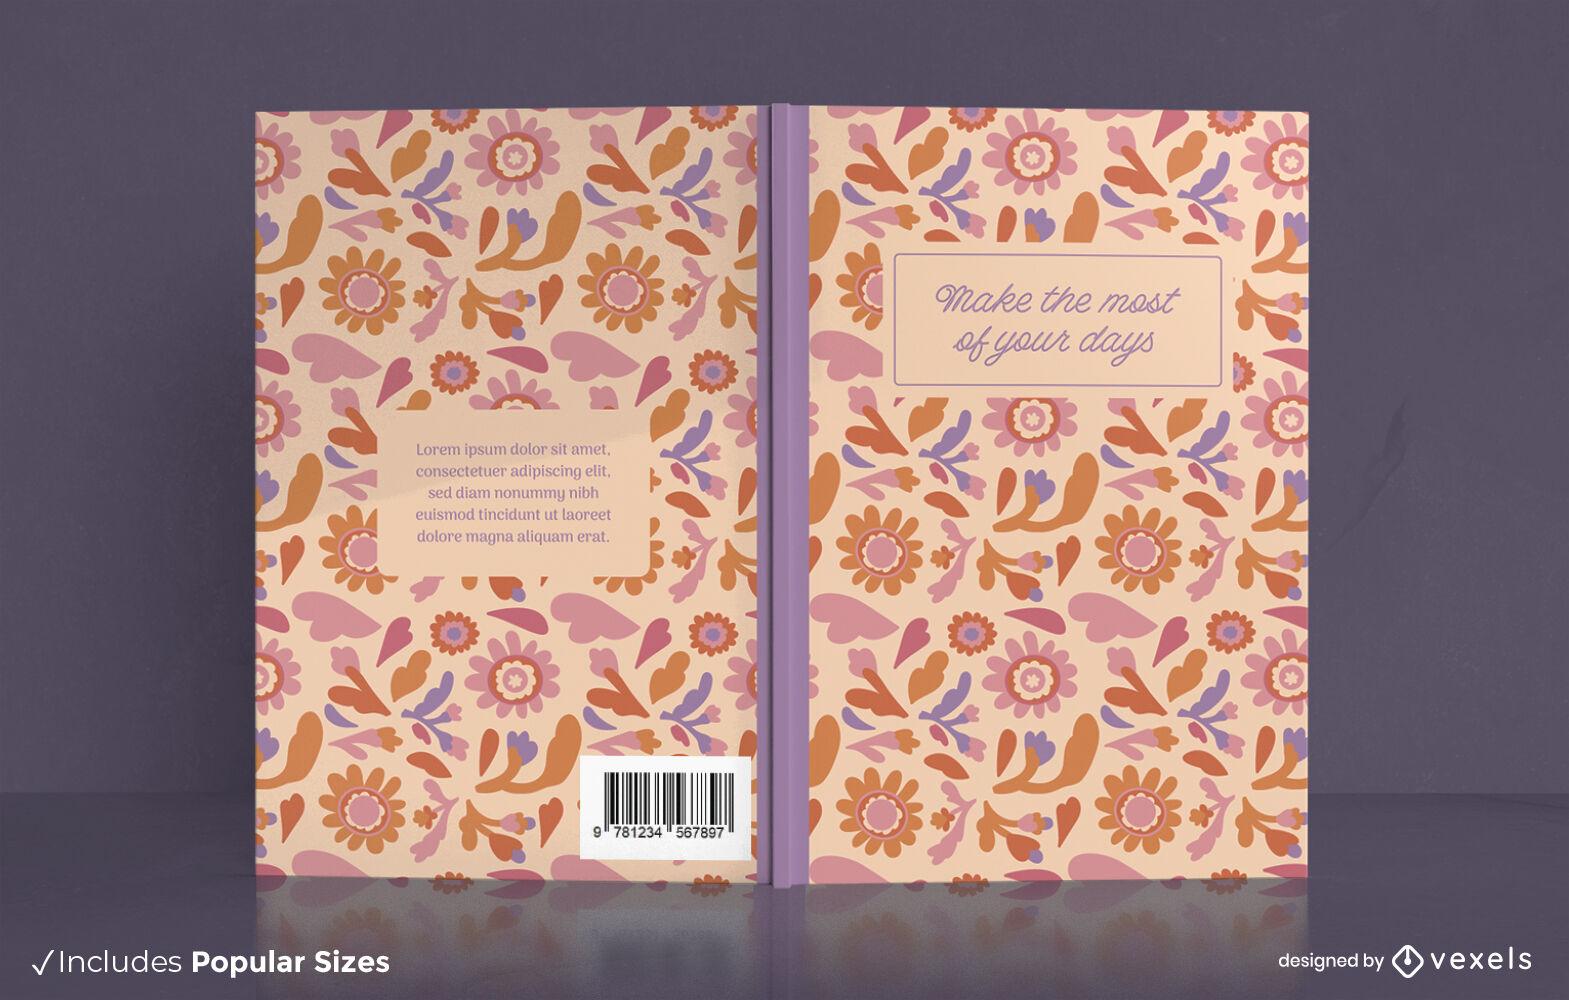 Sch?nes Design f?r das t?gliche Tagebuch-Buchcover